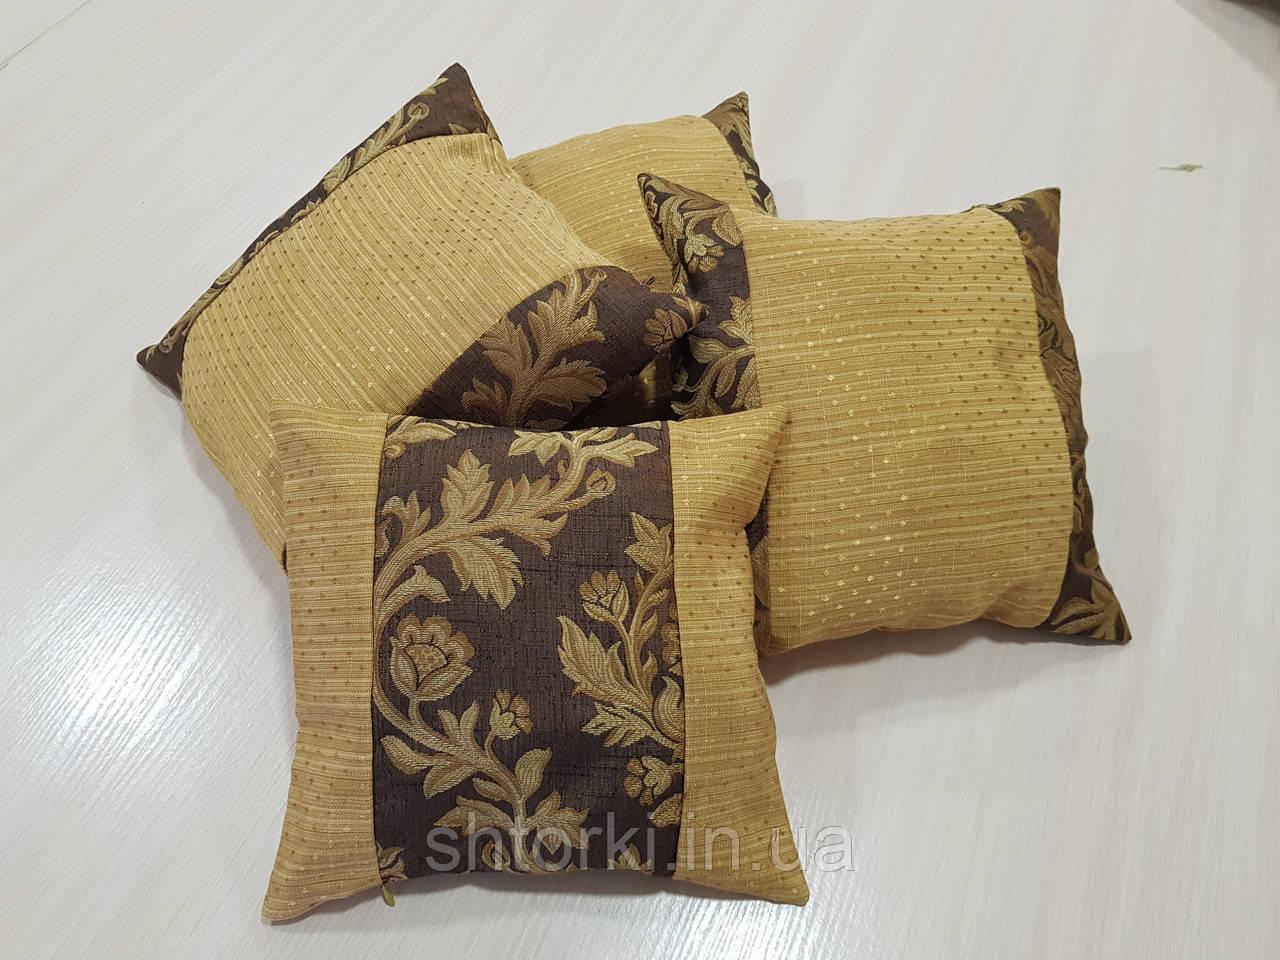 Комплект подушек Гобилен коричневые с соломенным 4шт